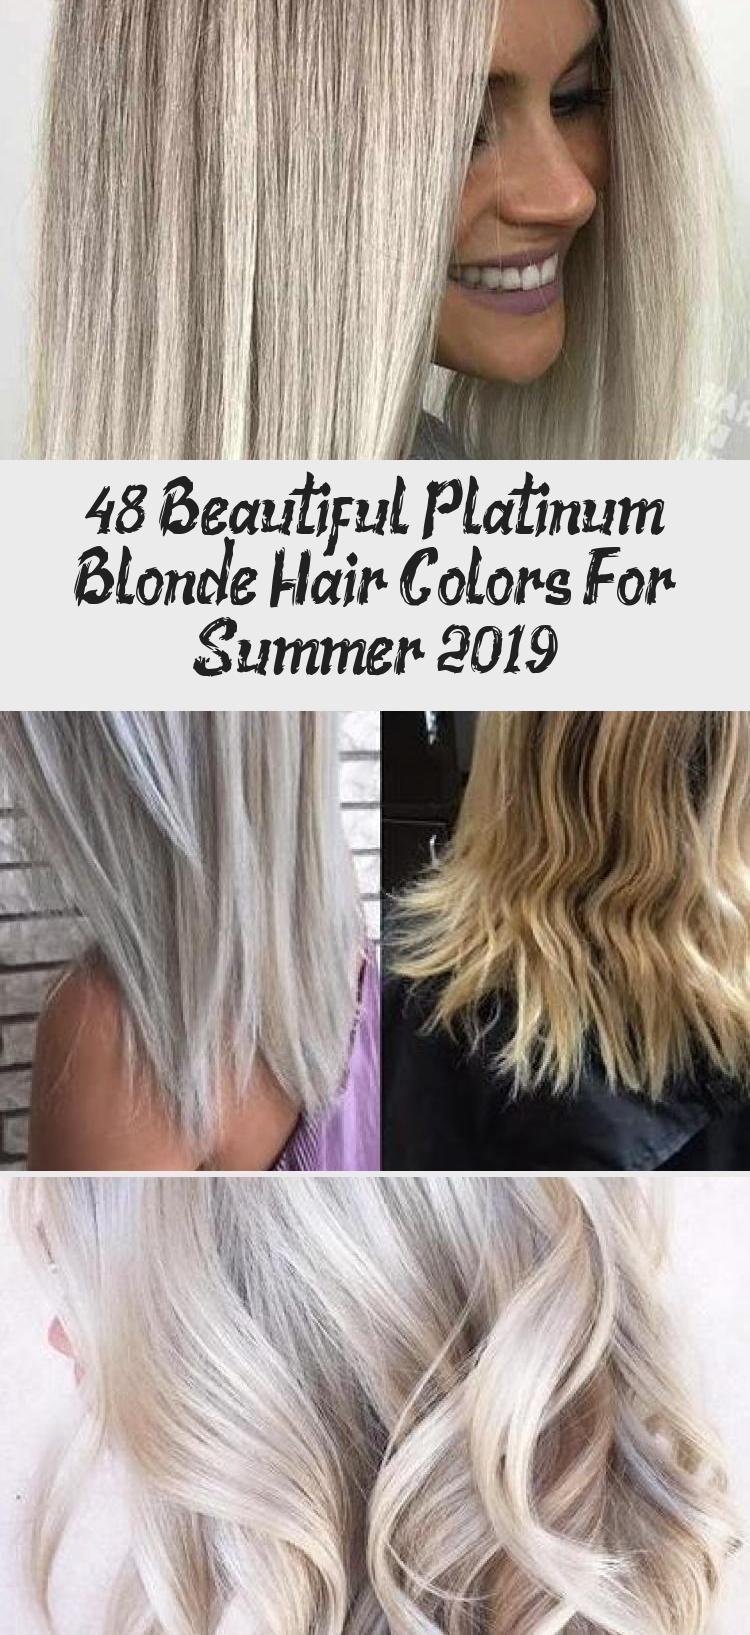 48 Beautiful Platinum Blonde Hair Colors for Summer 2019 - Latest Hair Colors#be...,  #Beautiful #Blonde #Colors #Colorsbe #Hair #Latest #Platinum #Summer